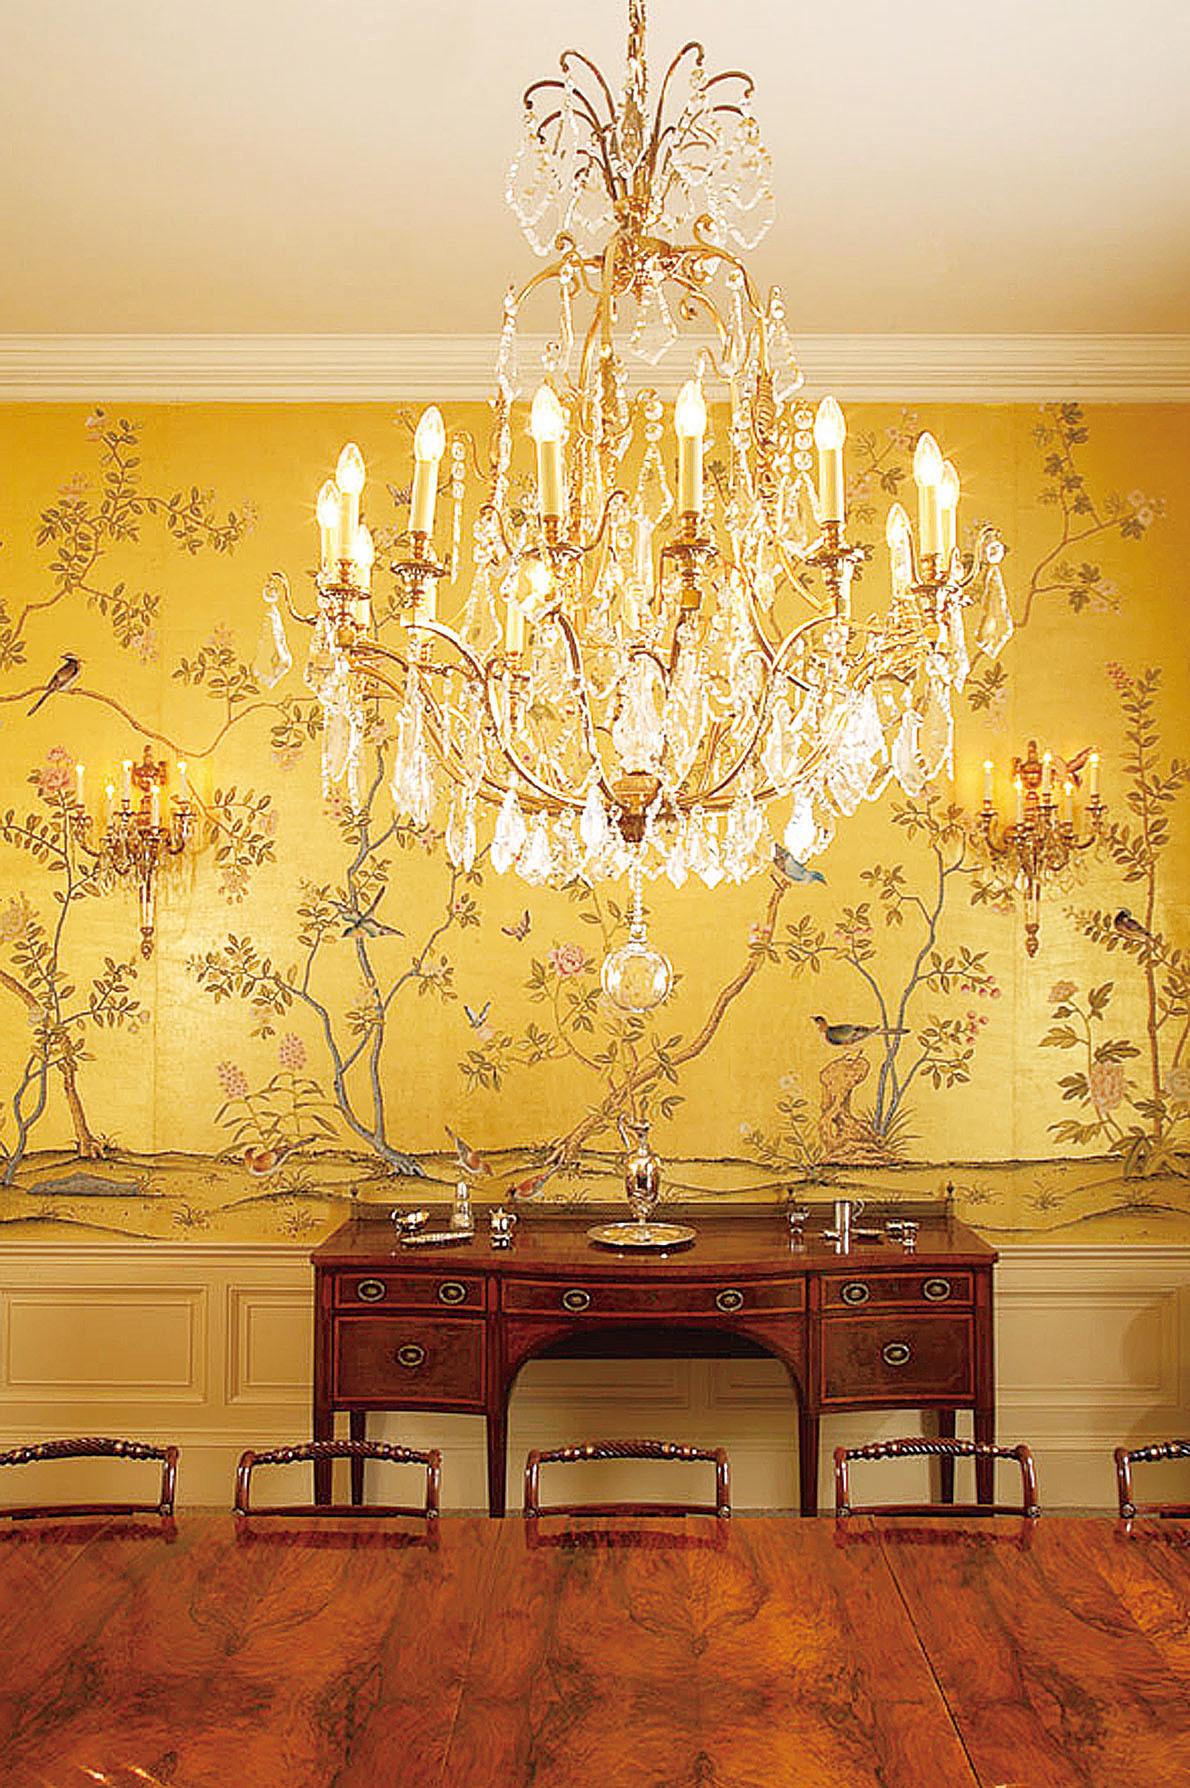 黃色給人溫暖舒適的感覺。而黃色絲質手繪牆紙則為家居增添宮廷貴族的奢華氣派。(網絡圖片)